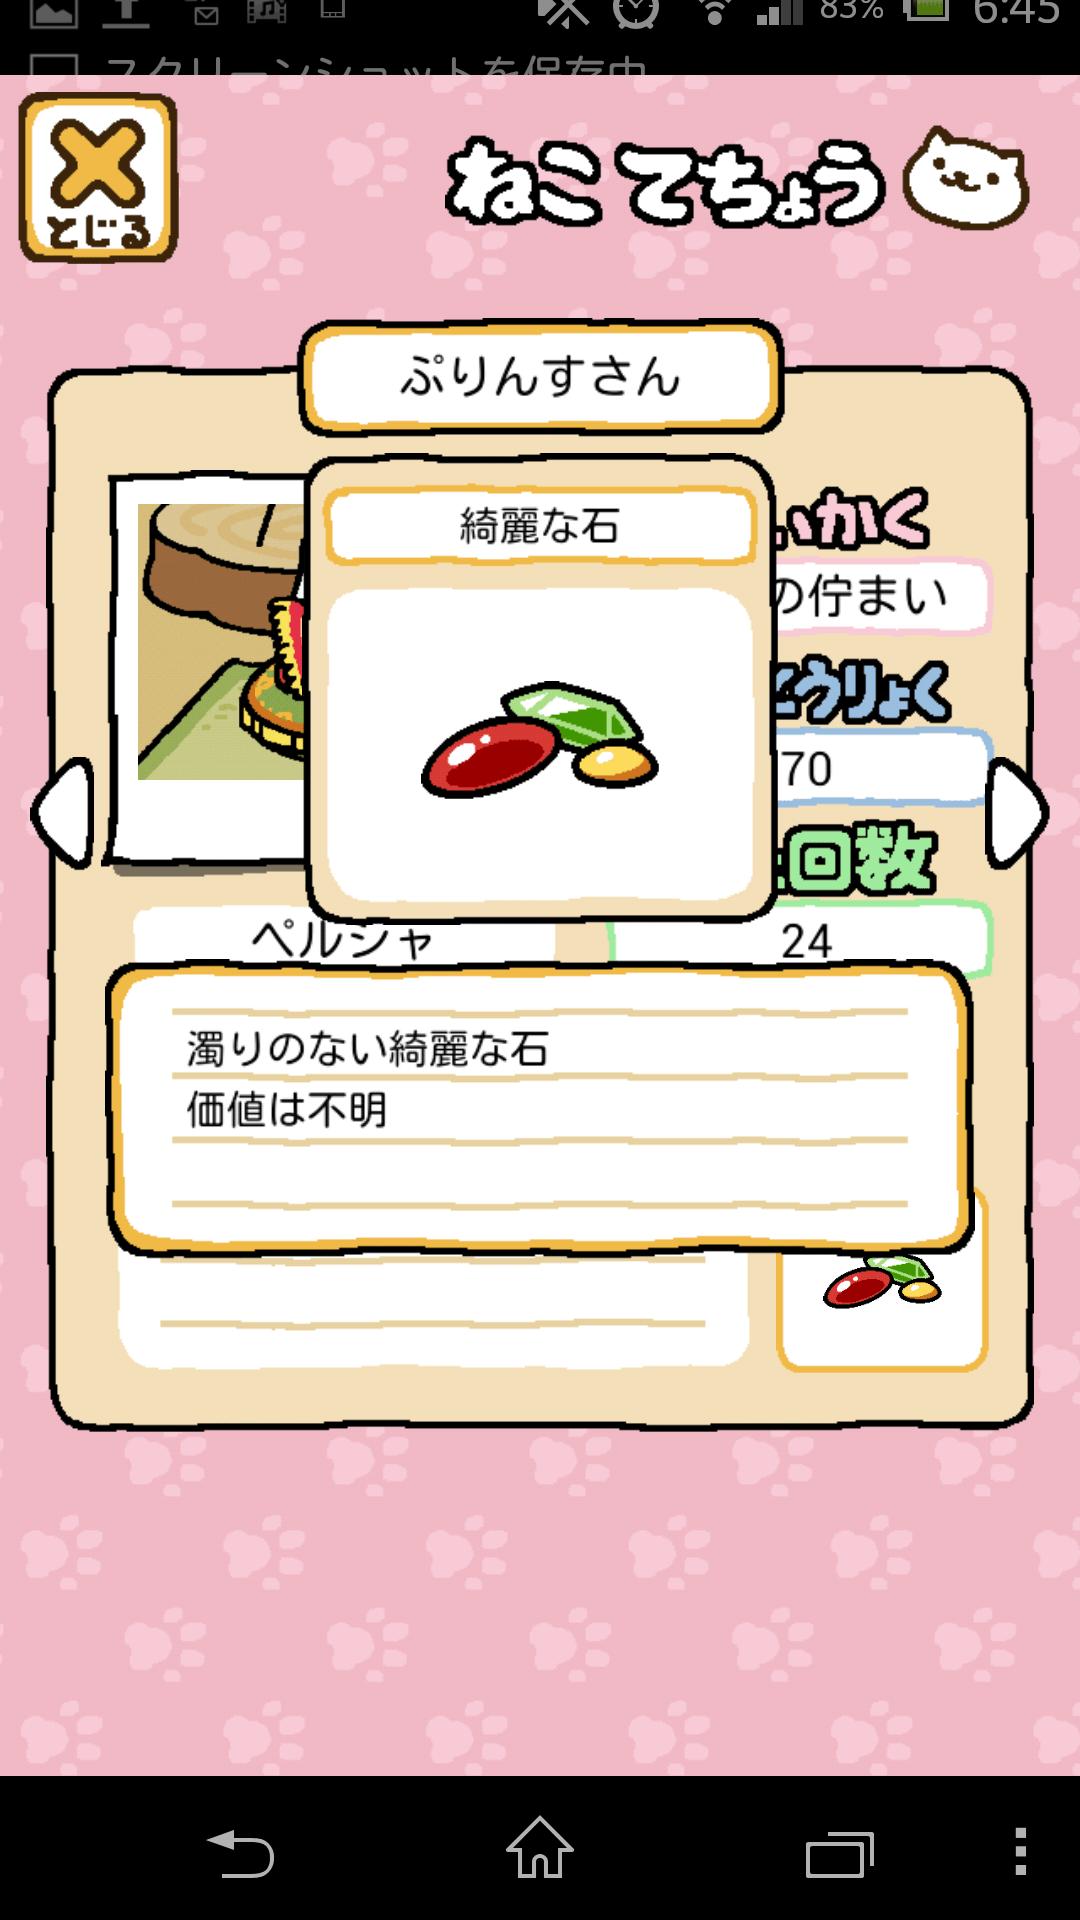 ぷりんす宝物説明.png